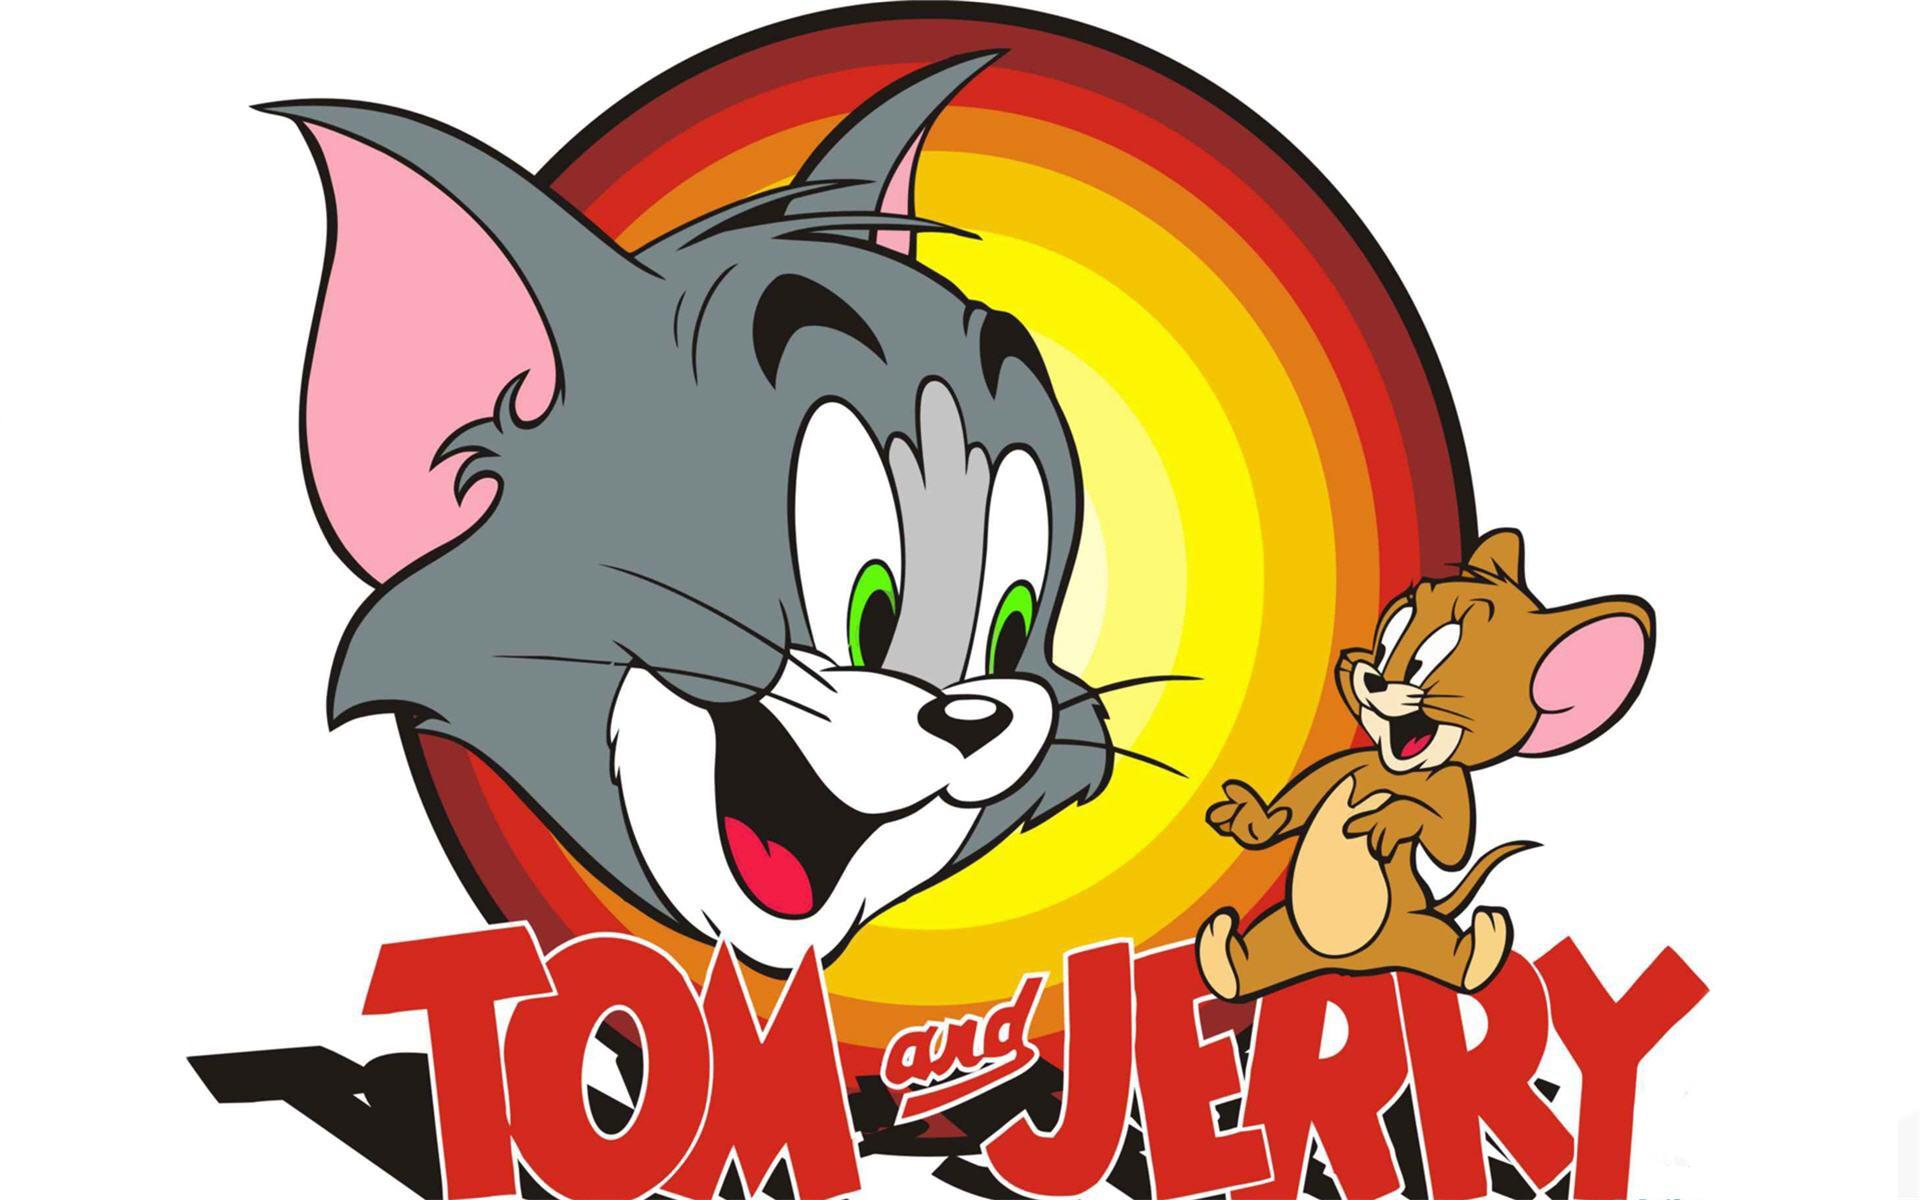 tomy und jerry